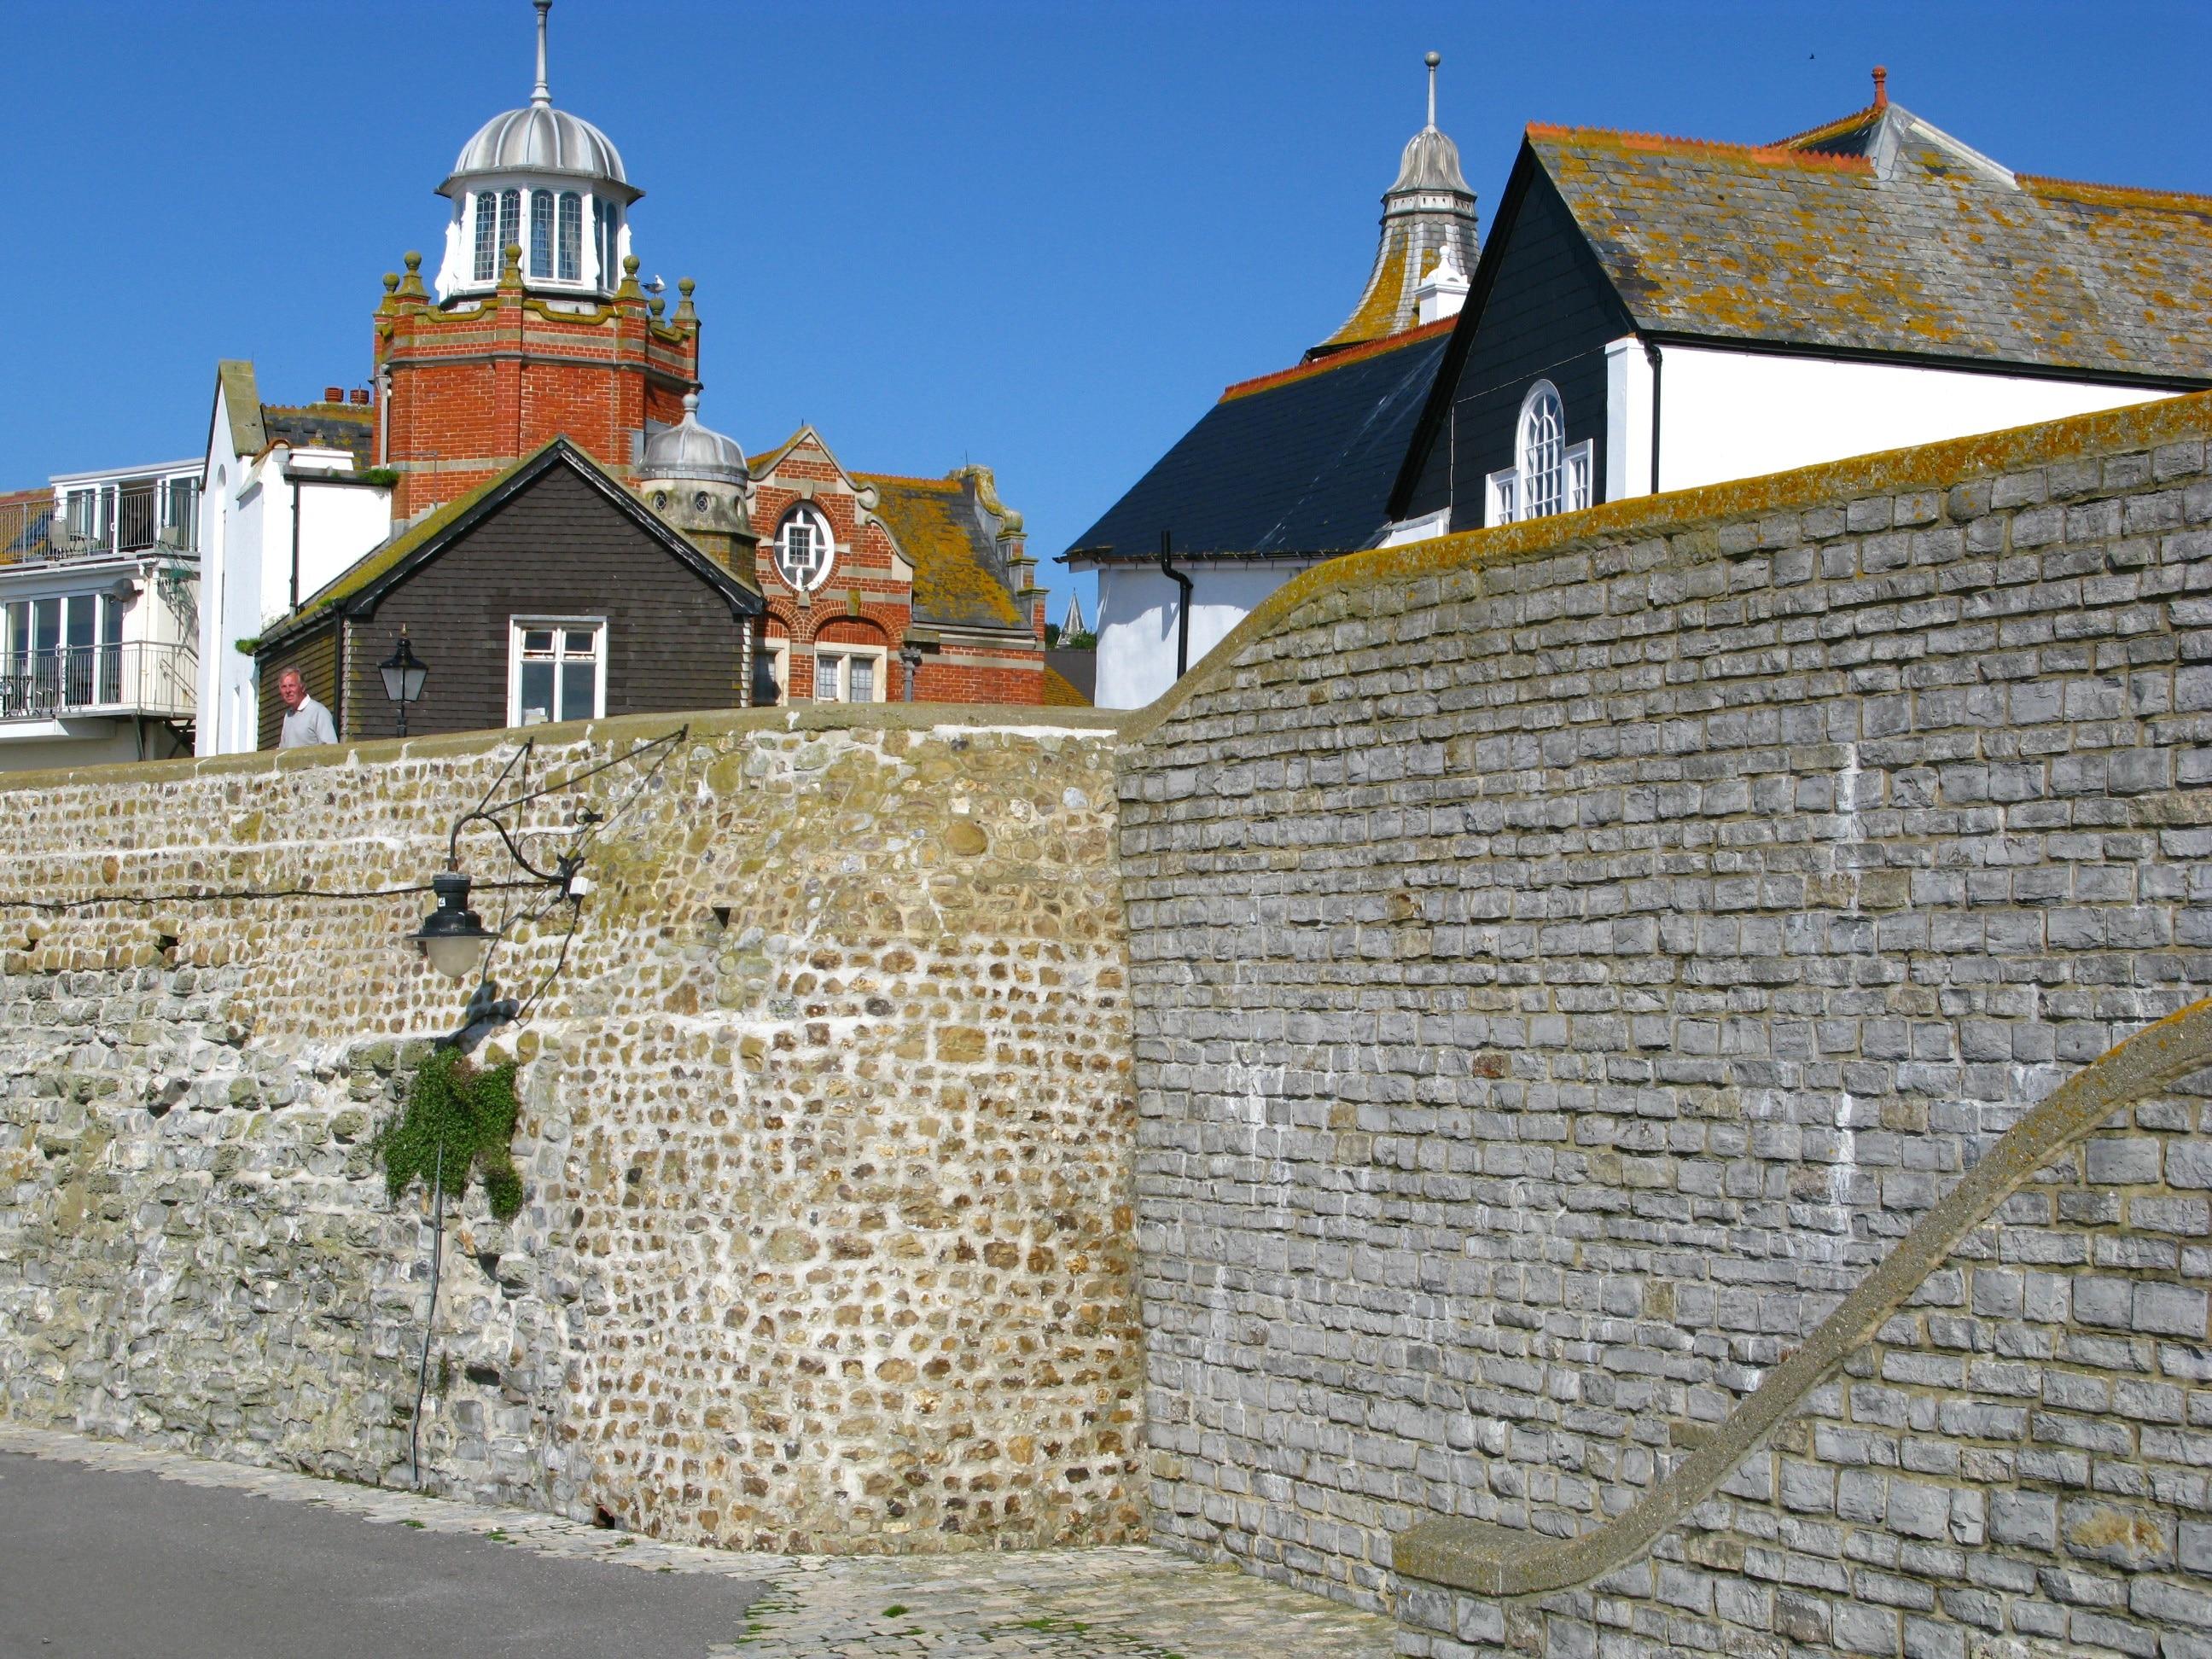 Lyme Regis Museum, Lyme Regis, England, United Kingdom